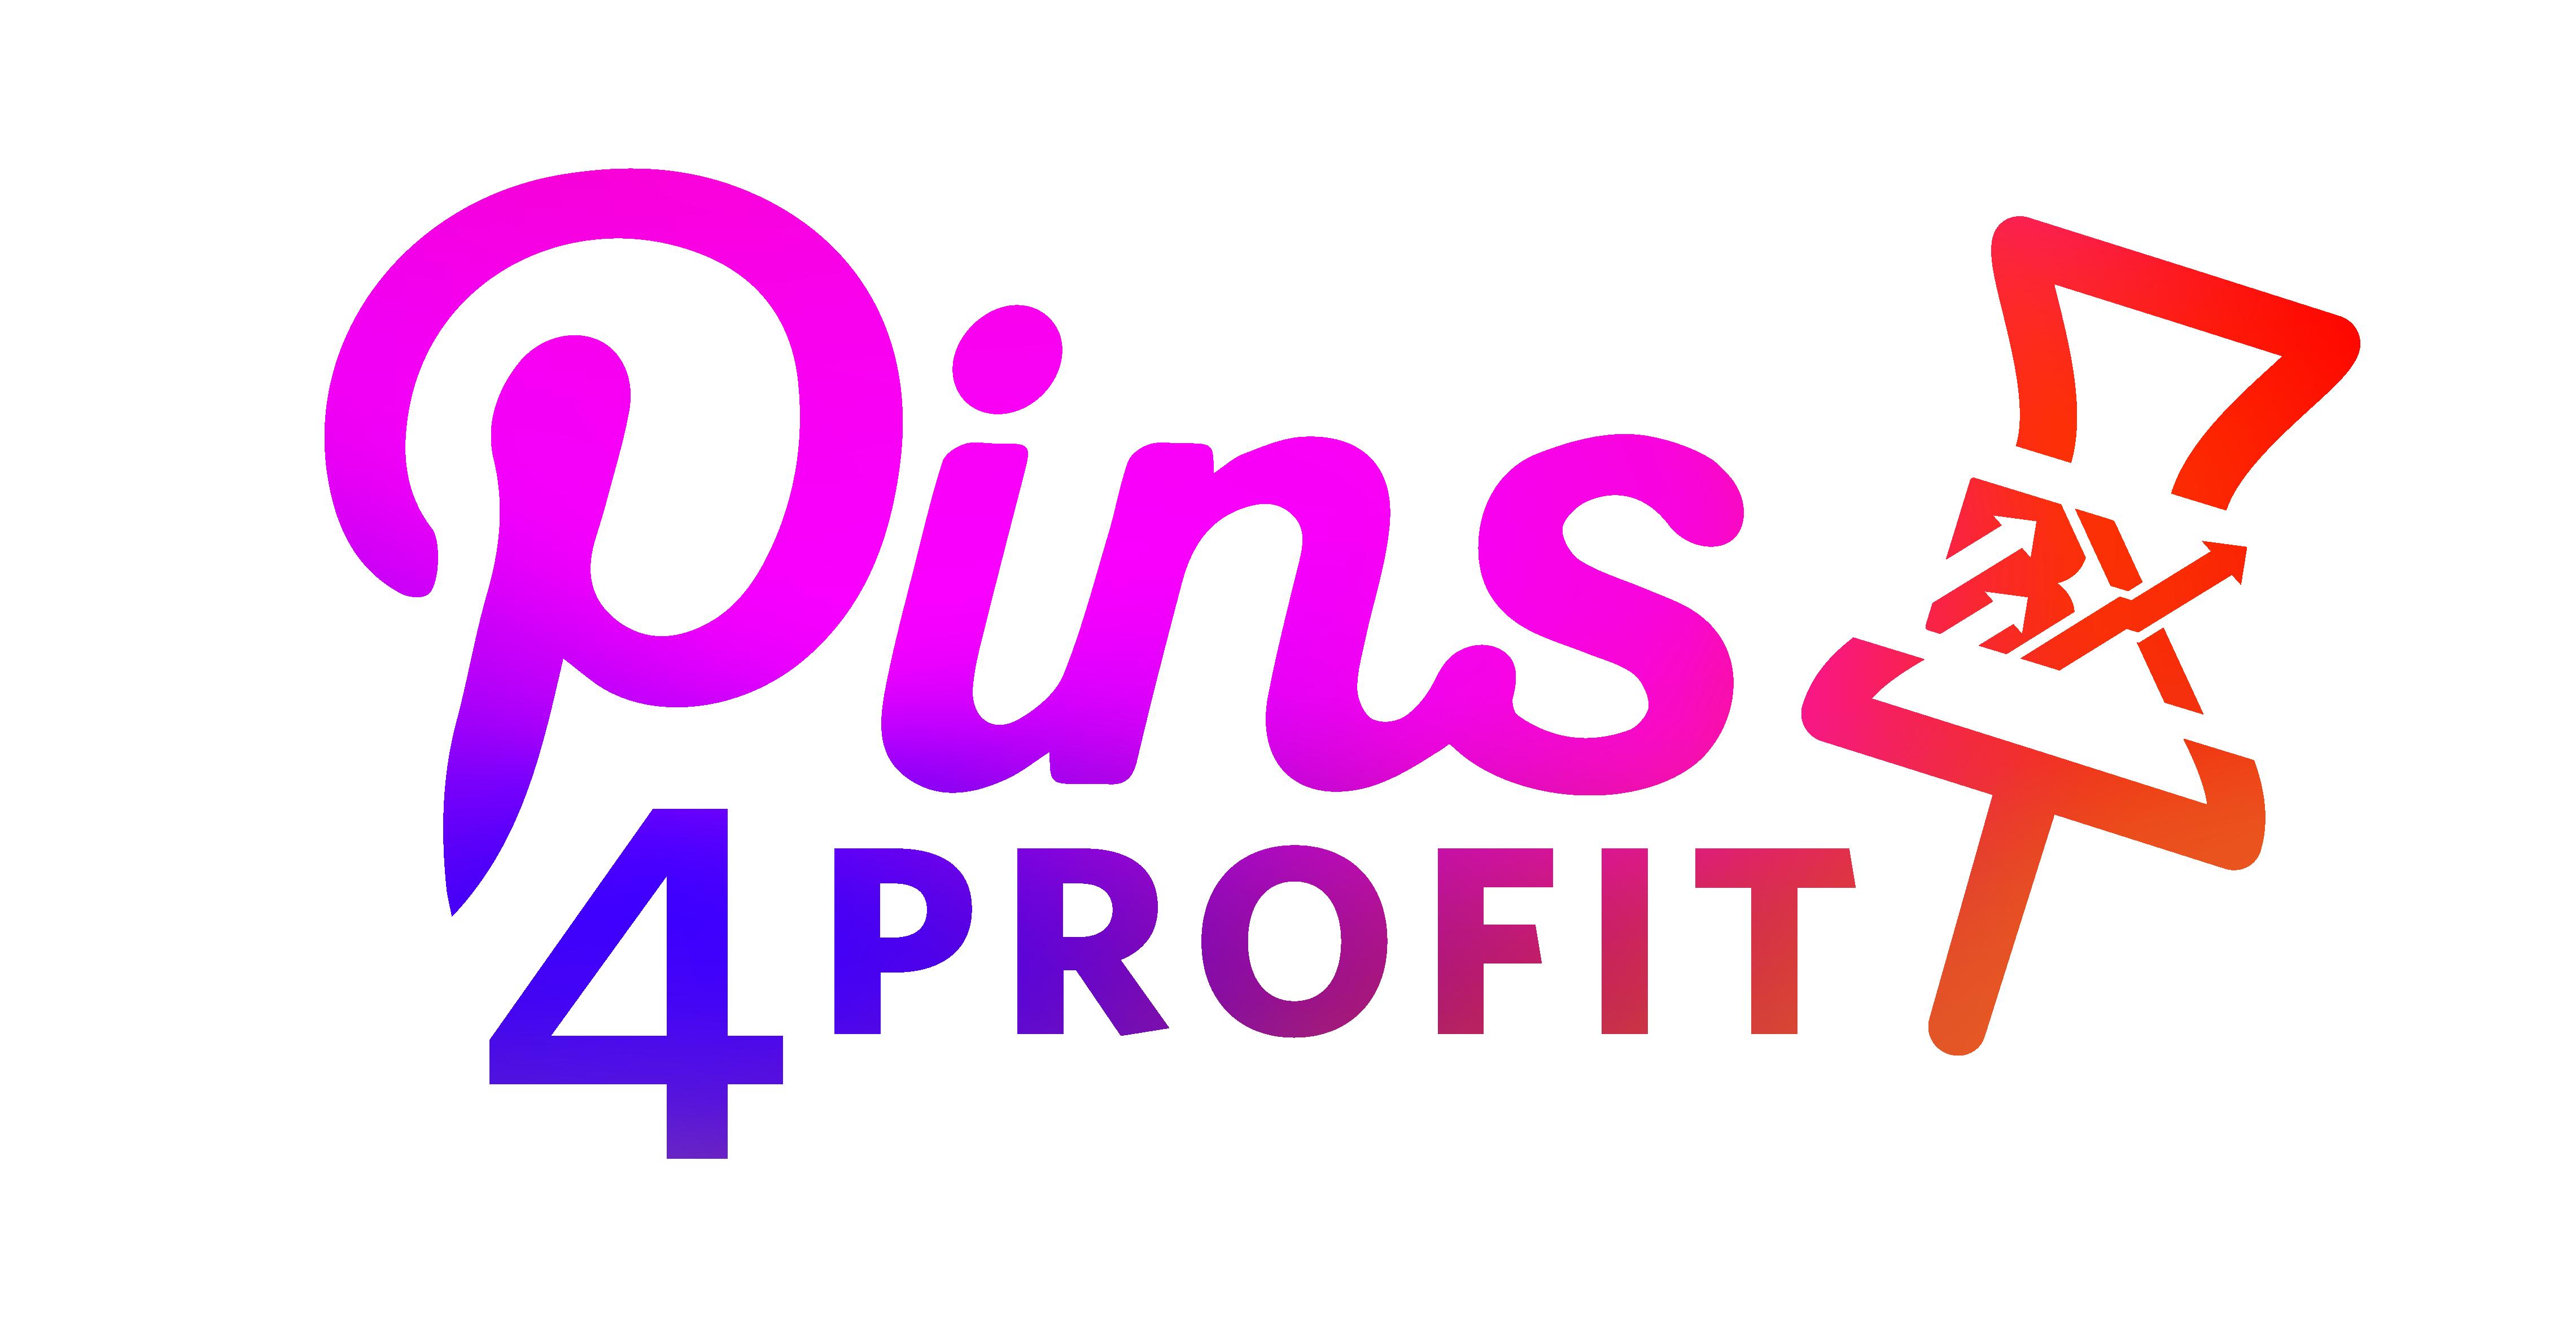 pins4profit.com